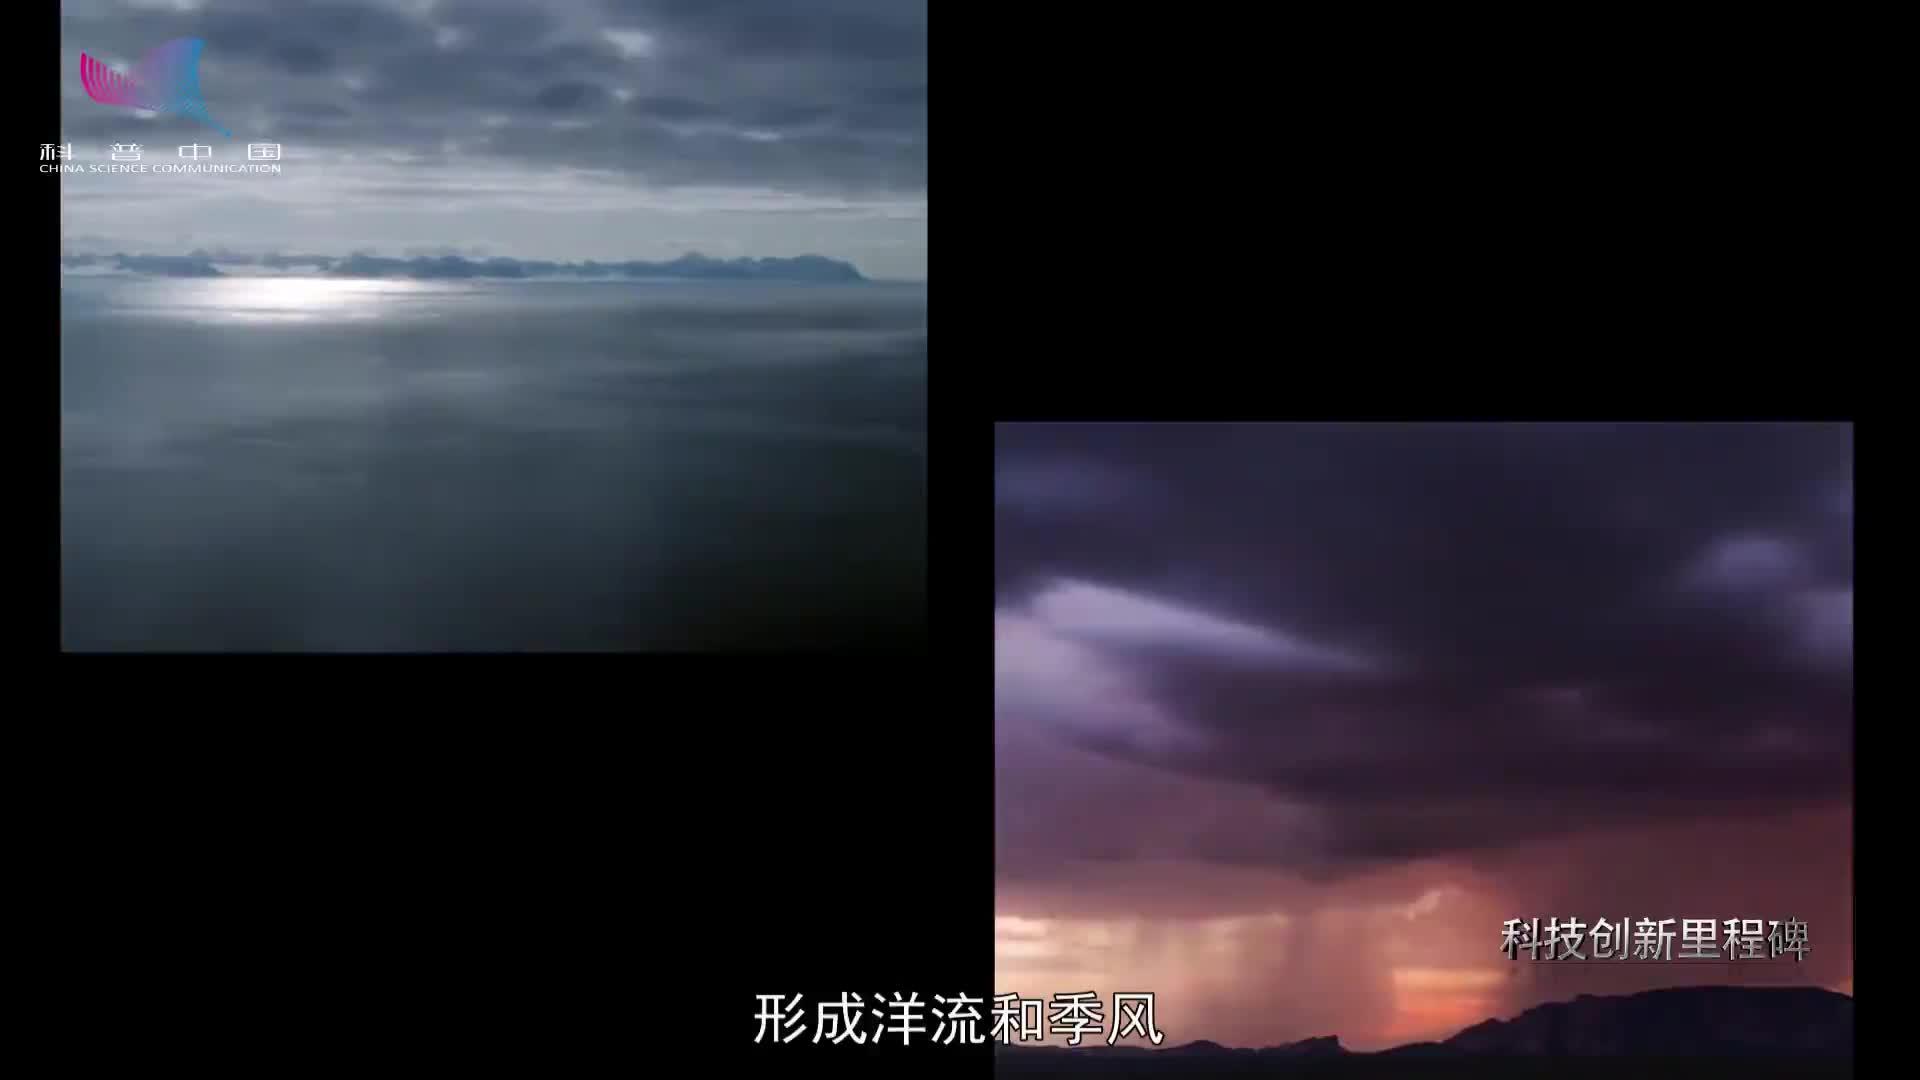 太阳对地球的影响  视频资料 科普中国 《太阳对地球的影响》1.2[来自e网通极速客户端] 高中地理视频素材  太阳对地球的影响  视频资料